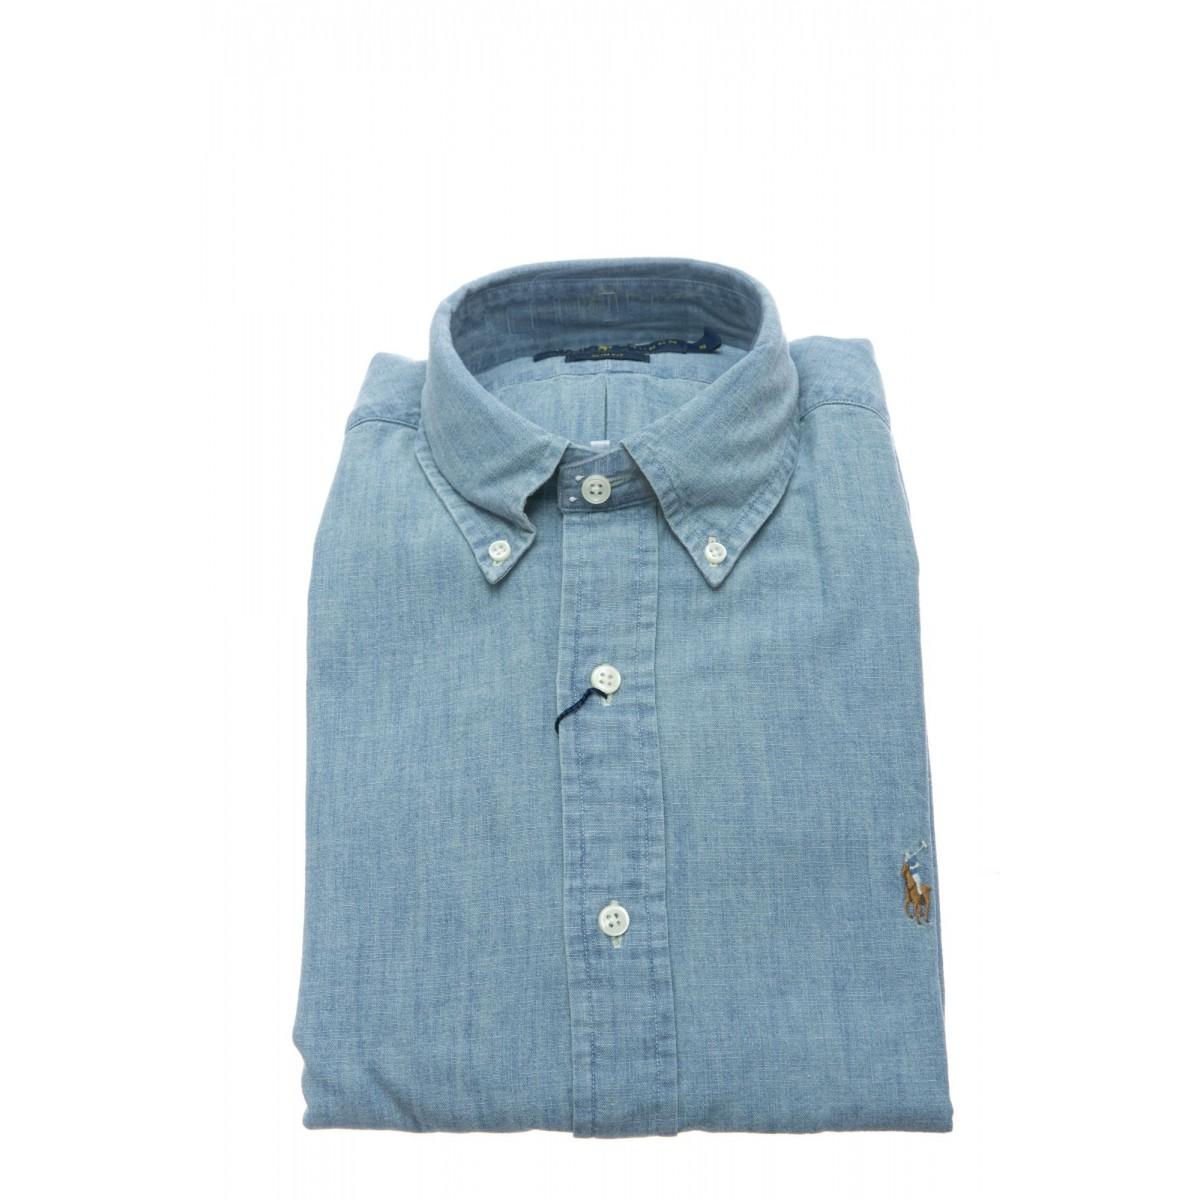 Camicia - A04wsl3bc0210 jeans slim